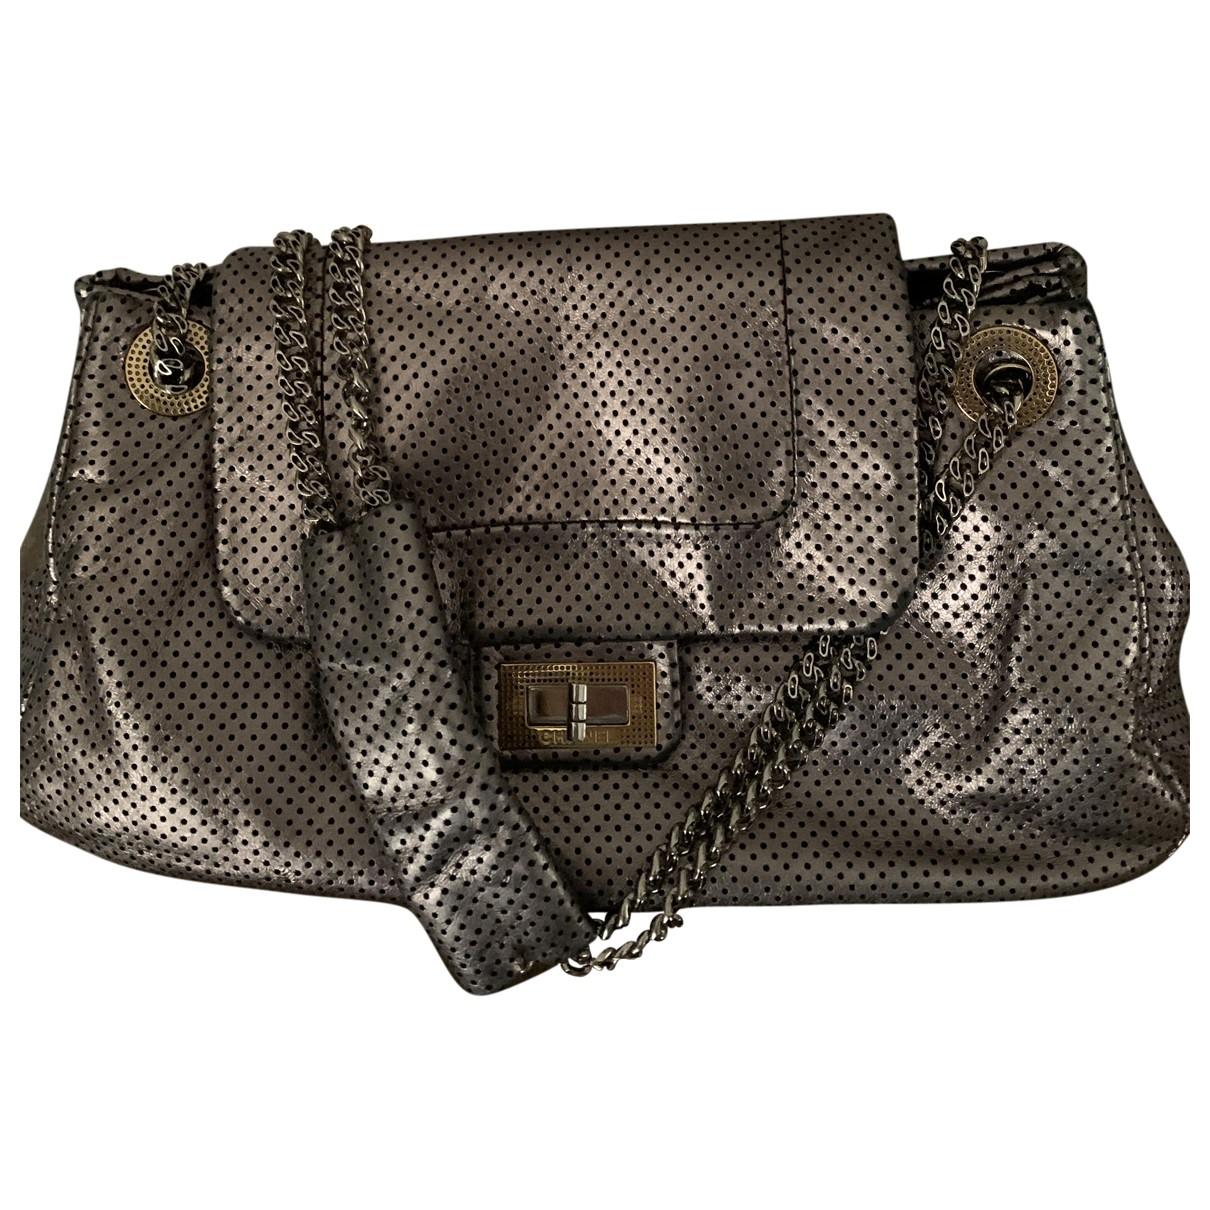 Chanel - Sac a main 2.55 pour femme en cuir - argente